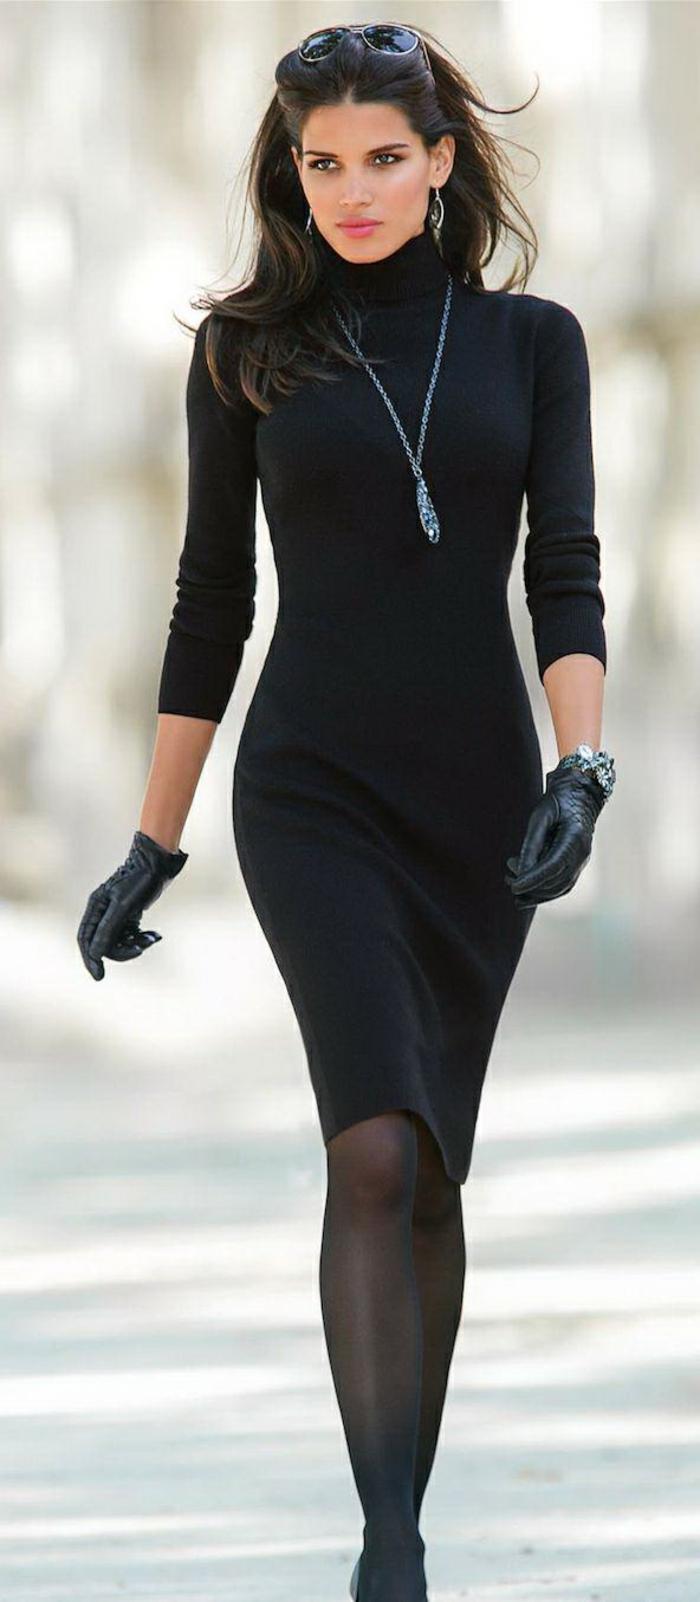 business-kleider-schwarz-liegt-immer-im-trend-schwarzes-kleid-mit-langen-aermeln-handschuhe-tolle-kette-ideen